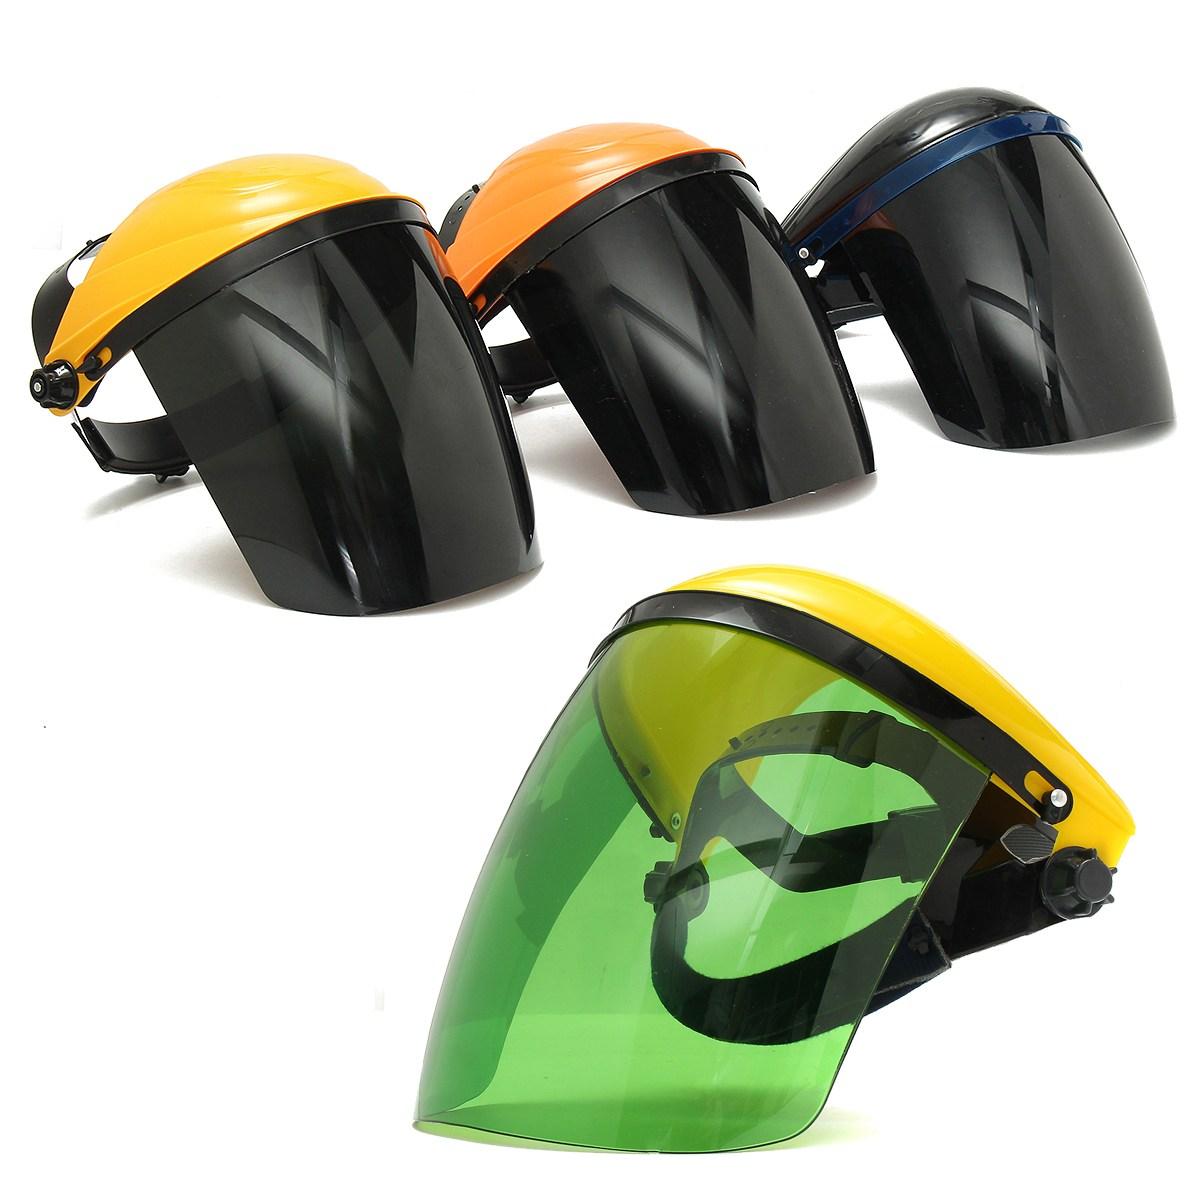 Защитные щитки - Средства индивидуальной защиты | Купить оптом в интернет-магазине doss-stroy.ru